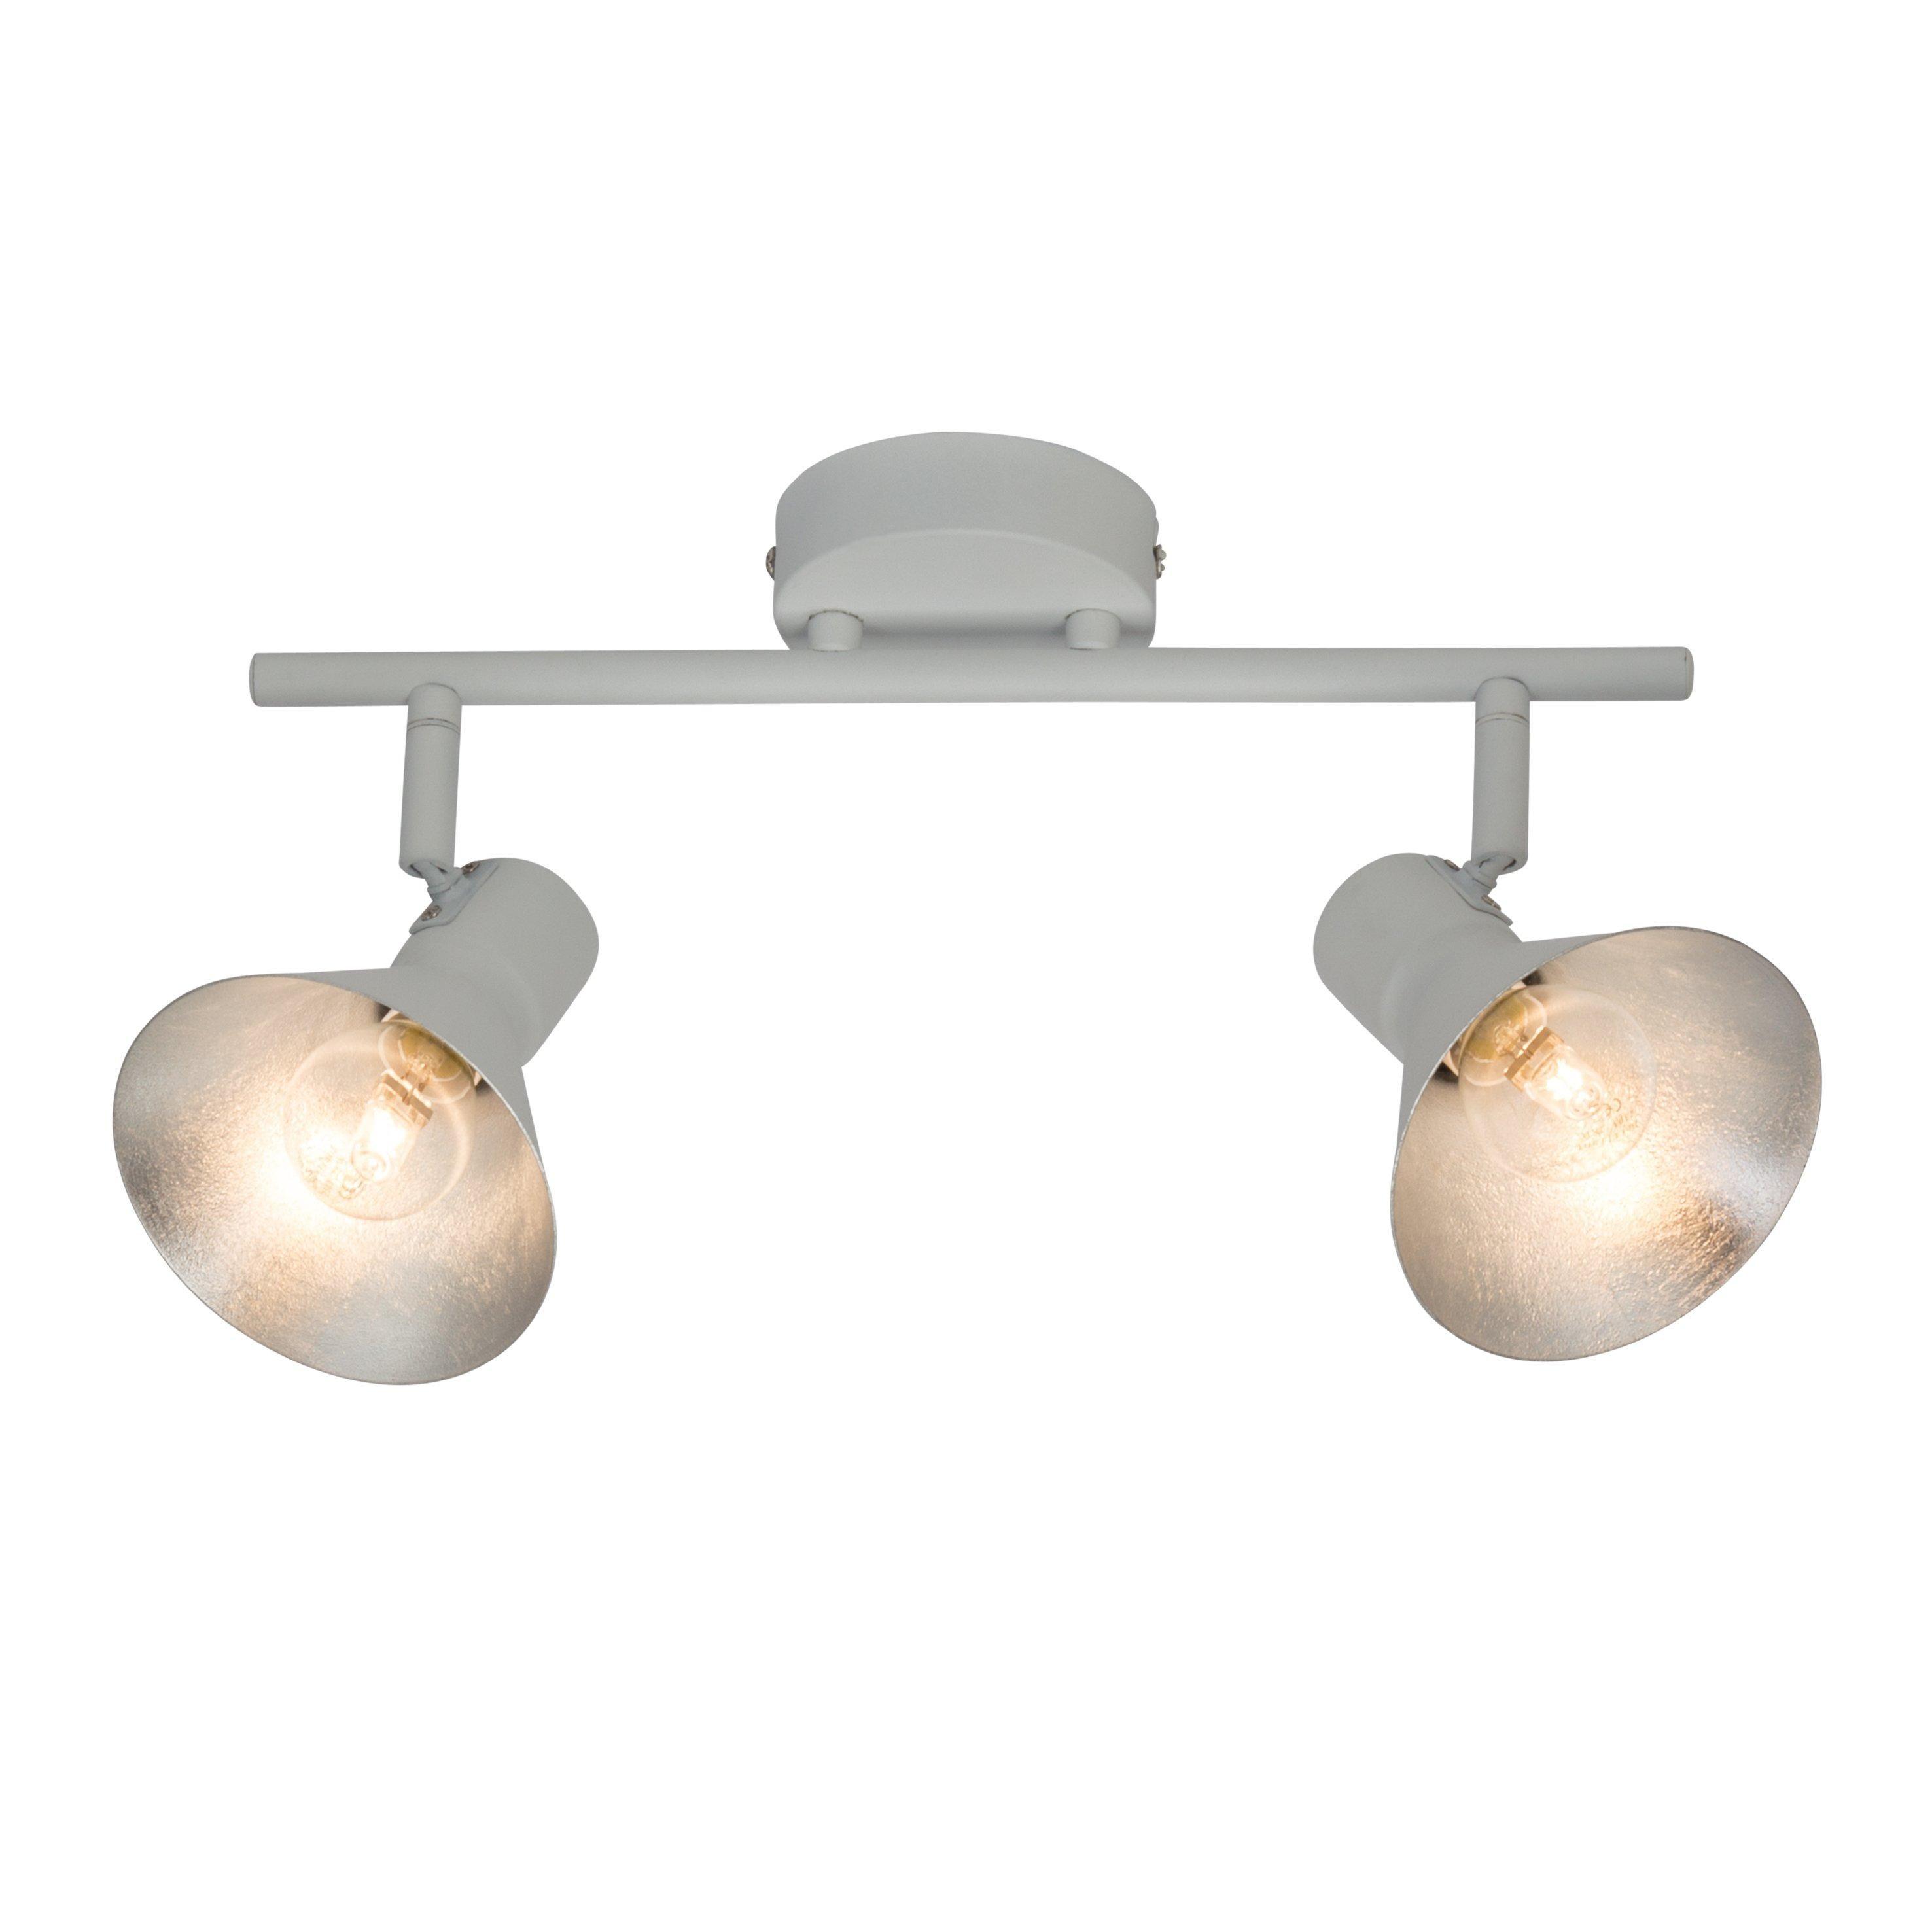 Designer Deckenleuchte Quadro Deckenleuchte Weiss Stoff Lampe